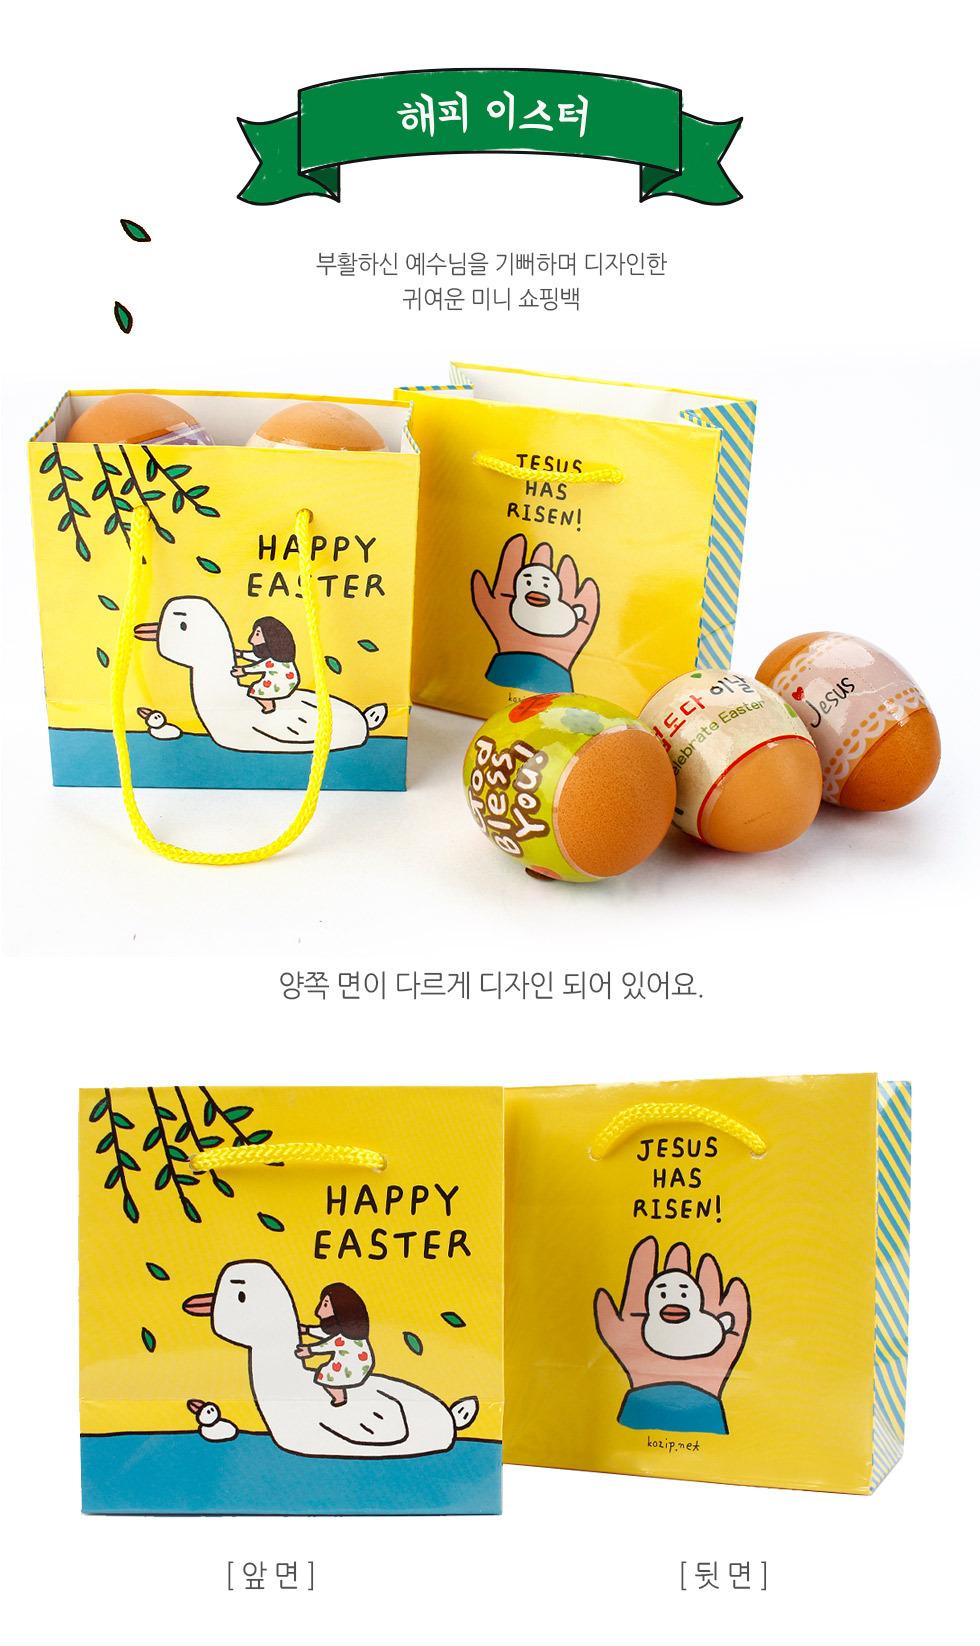 부활절 선물포장, 계란포장 패키지 종이가방(특소) 4종 - 3.해피이스터 상세보기